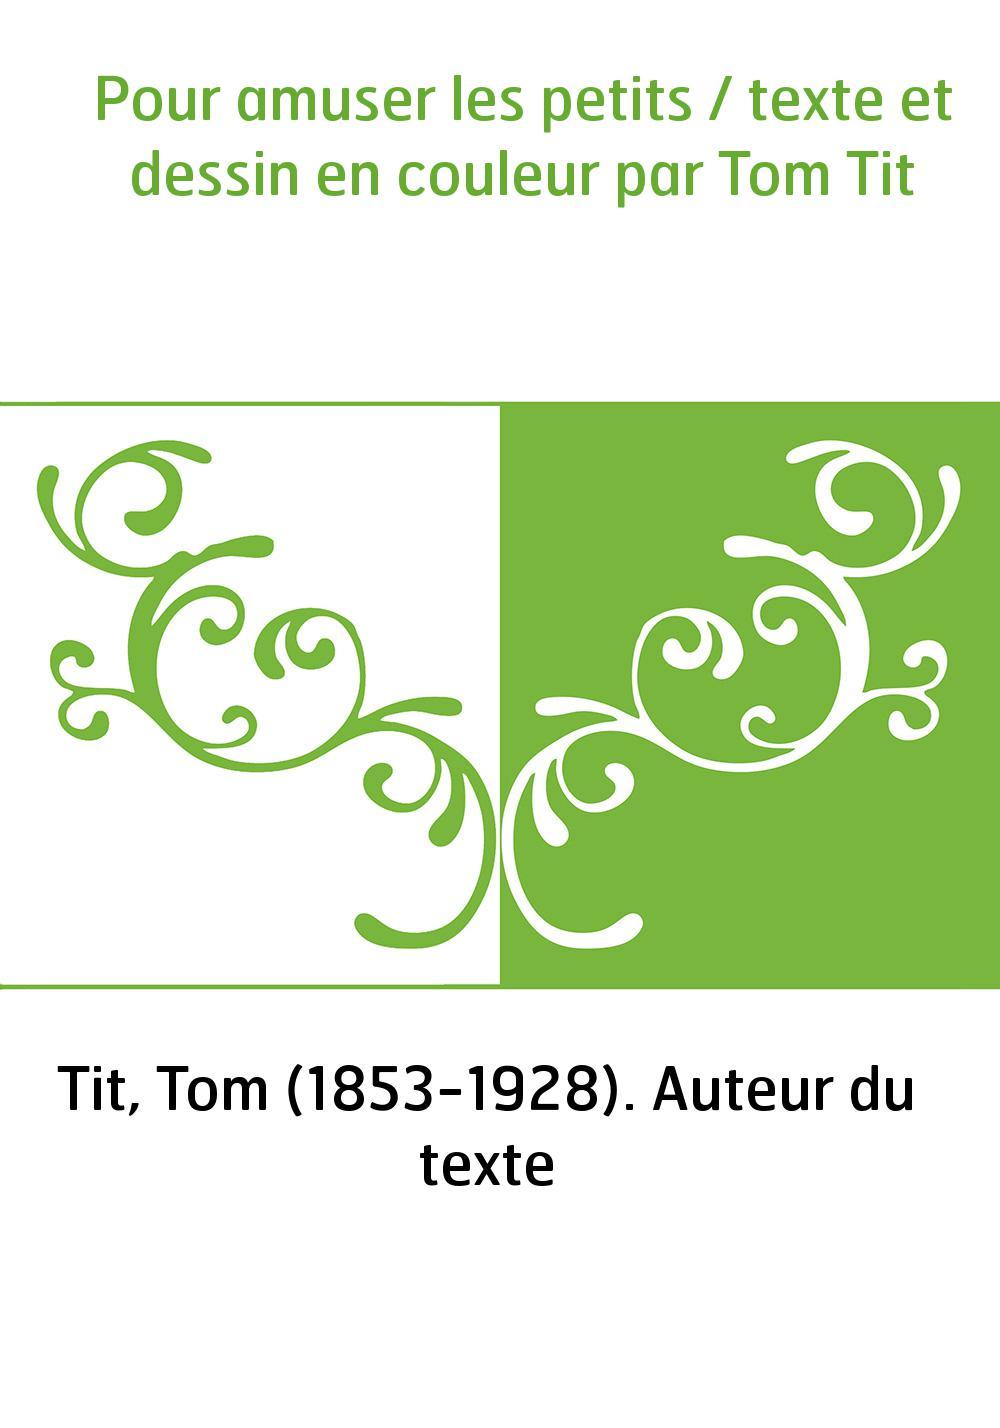 Pour amuser les petits / texte et dessin en couleur par Tom Tit